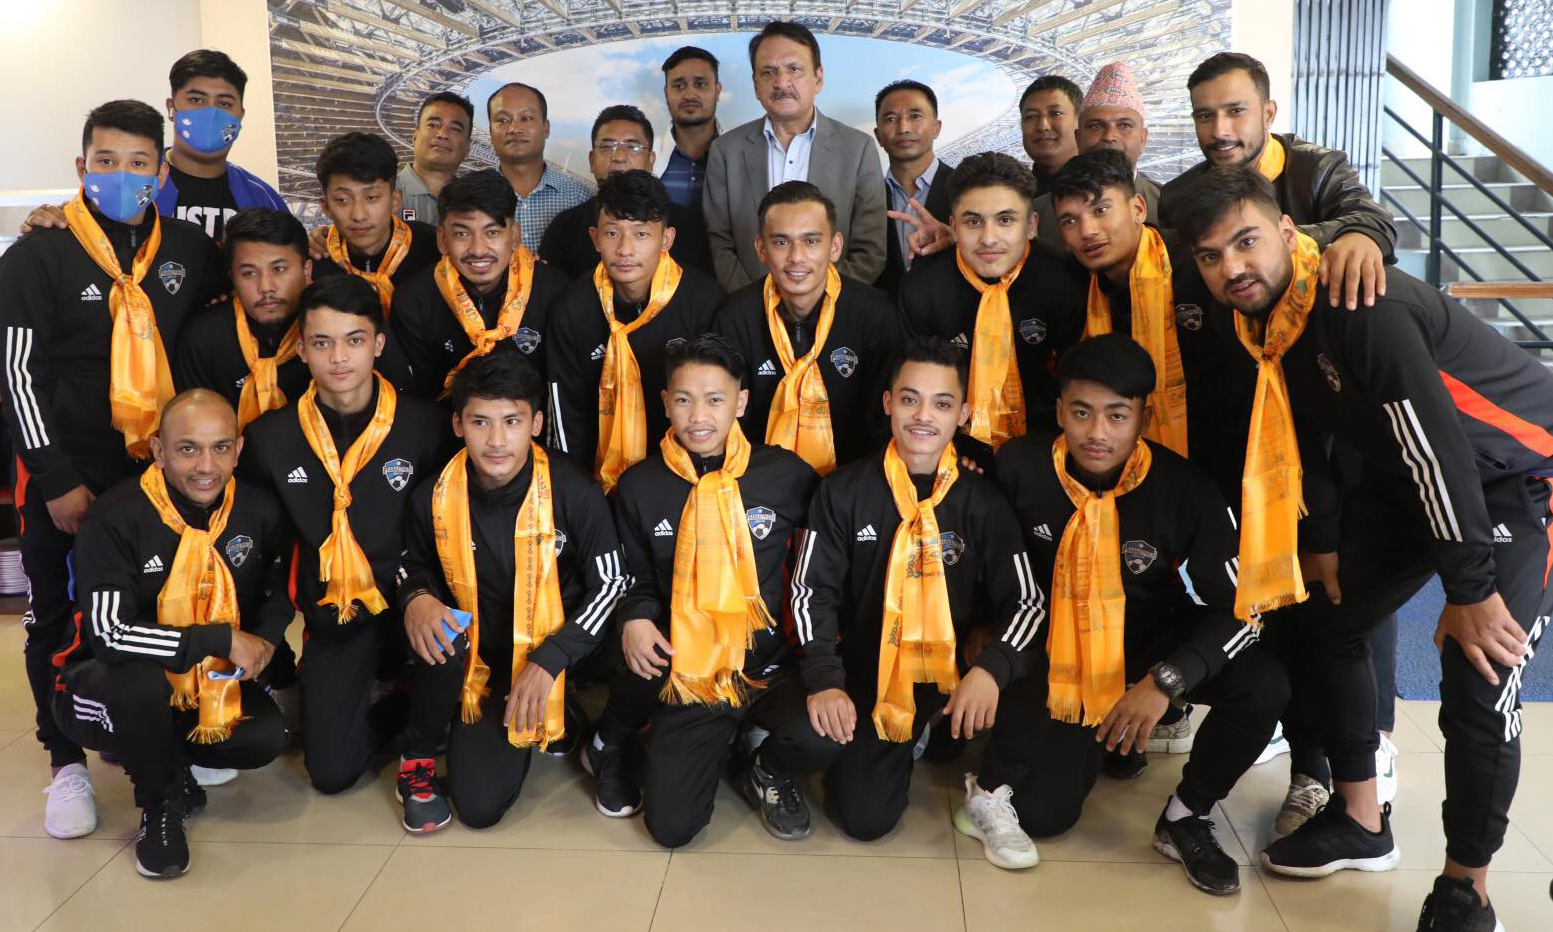 टोखालाई नेपाल लोकतान्त्रिक खेलकुद संघको बिदाई